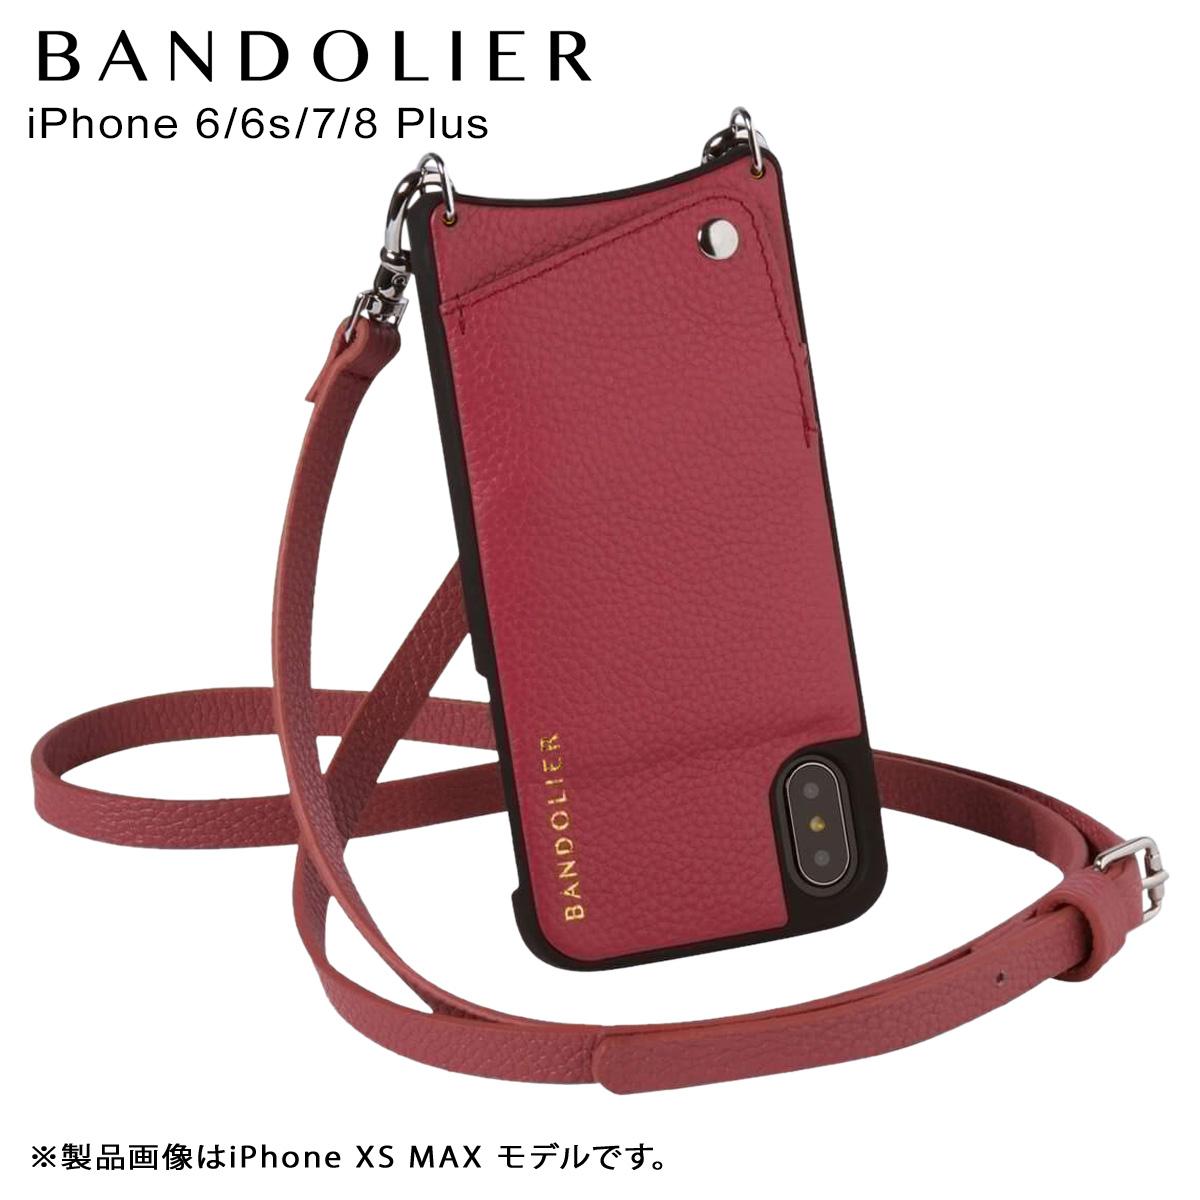 BANDOLIER バンドリヤー iPhone 6 6s 7 8 Plus ケース ショルダー スマホ アイフォン レザー EMMA MAGENTA RED メンズ レディース マゼンタ レッド 10EMM1001 [2/1 新入荷]